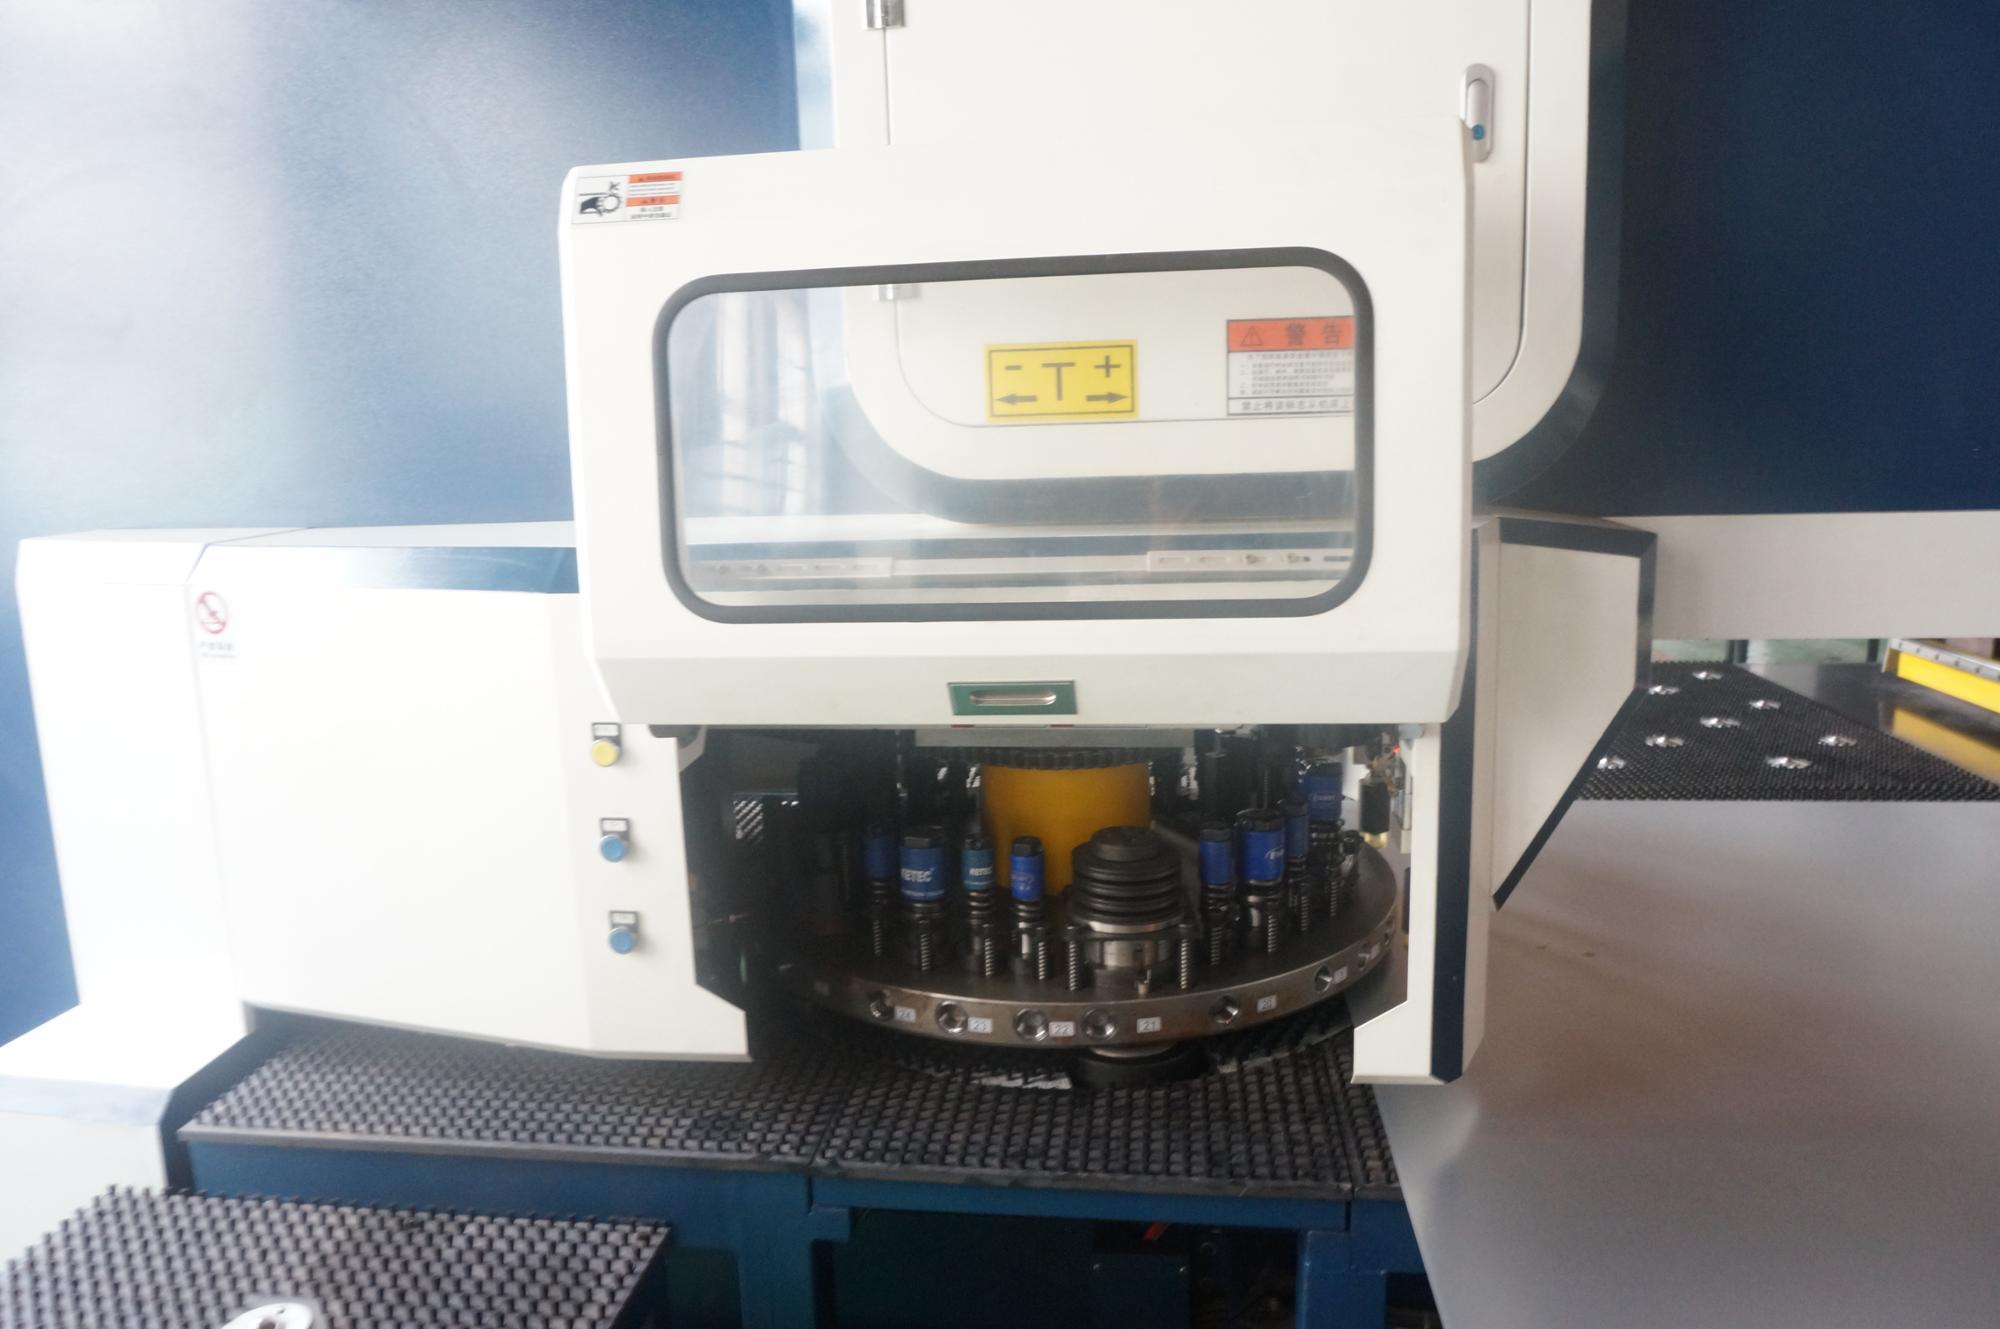 Oha Brand T Series Cnc Turret Hole Punching Machine